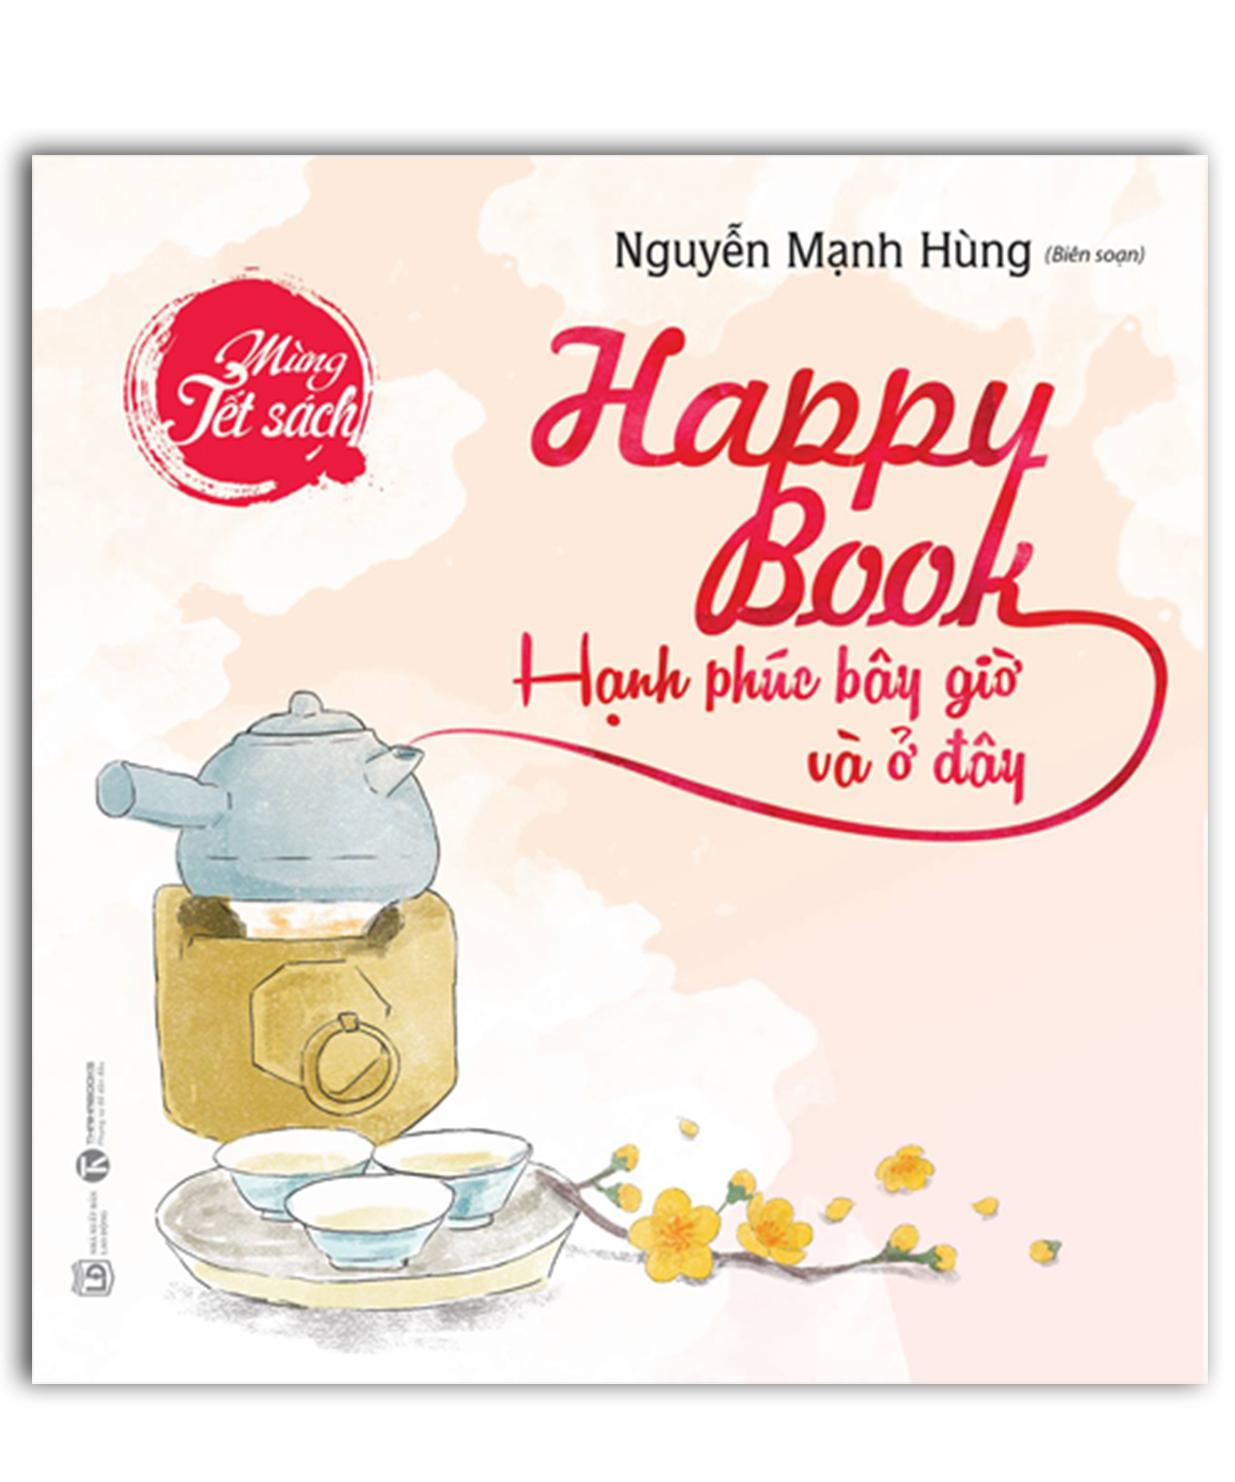 Reading Books Together số 39: Happy book Hạnh phúc bây giờ và ở đây